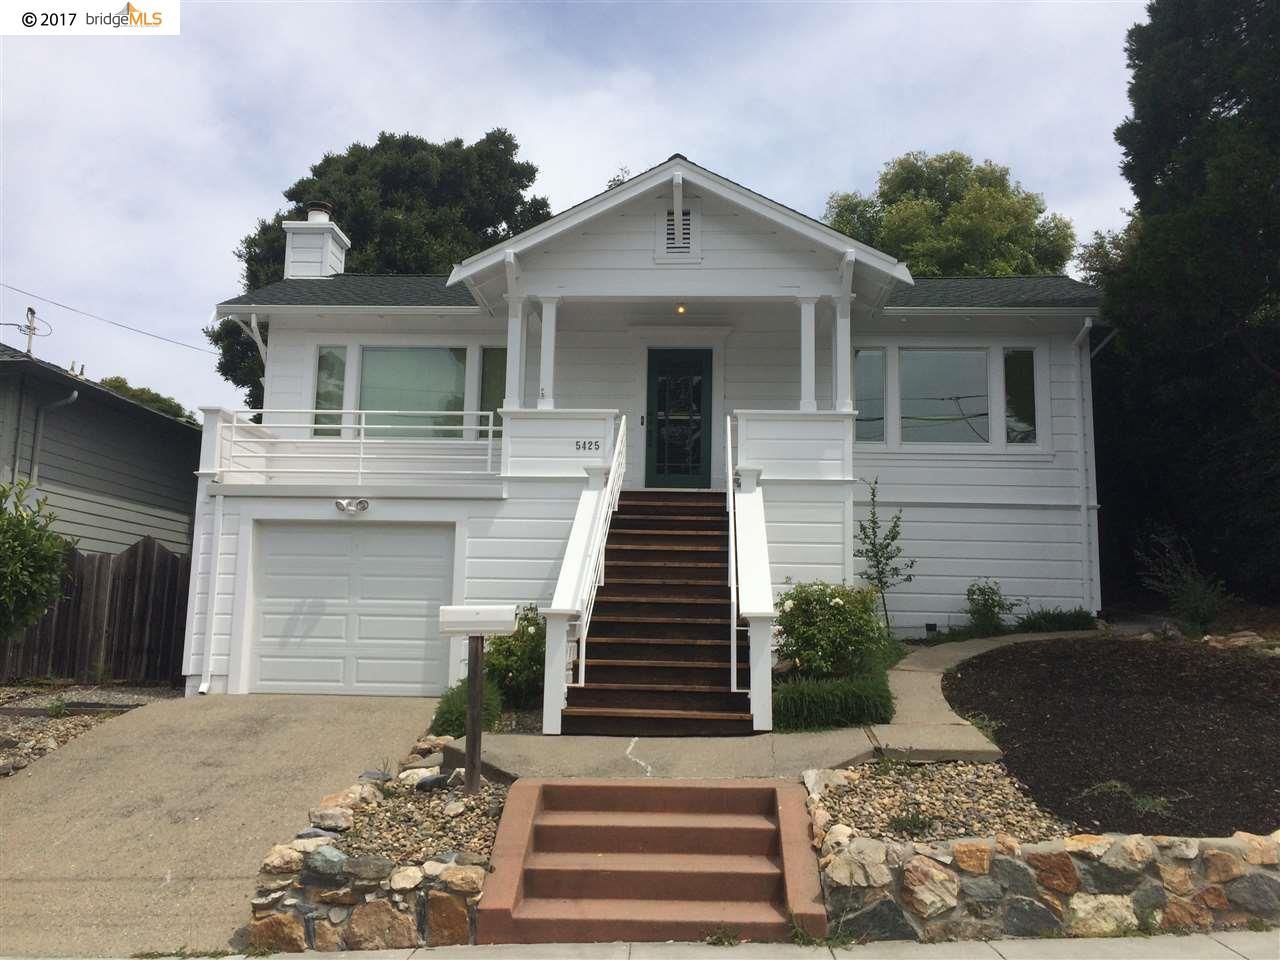 獨棟家庭住宅 為 出租 在 5425 Zara Avenue El Cerrito, 加利福尼亞州 94530 美國